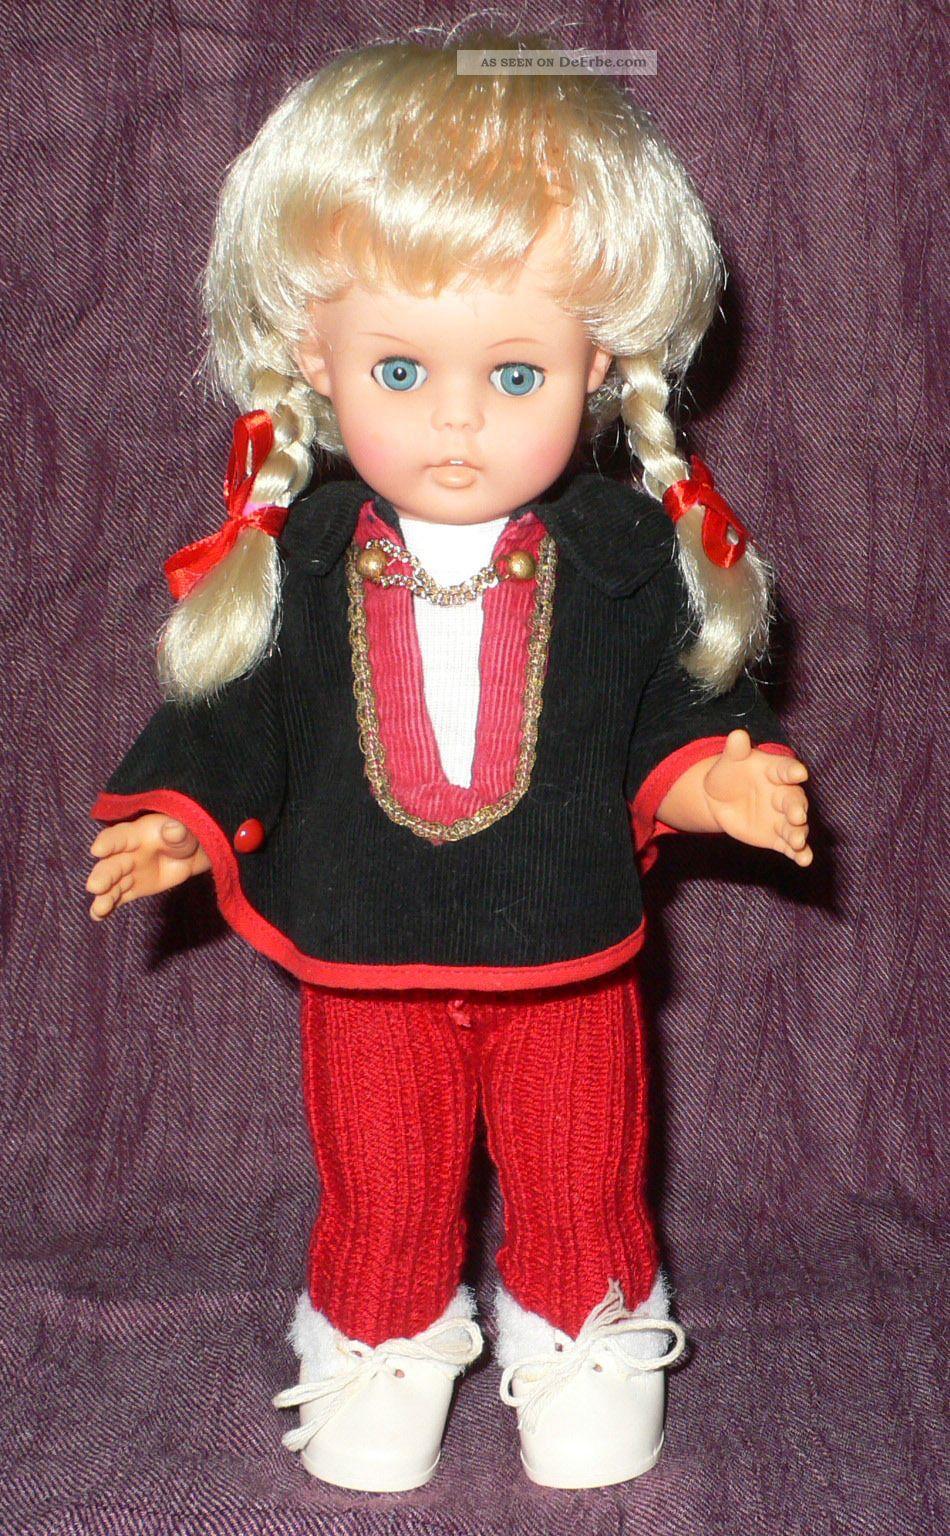 Con 190030 Dolls vestiti 3m 2 Mönchroden Maar Old i Martha YgIbvf67y